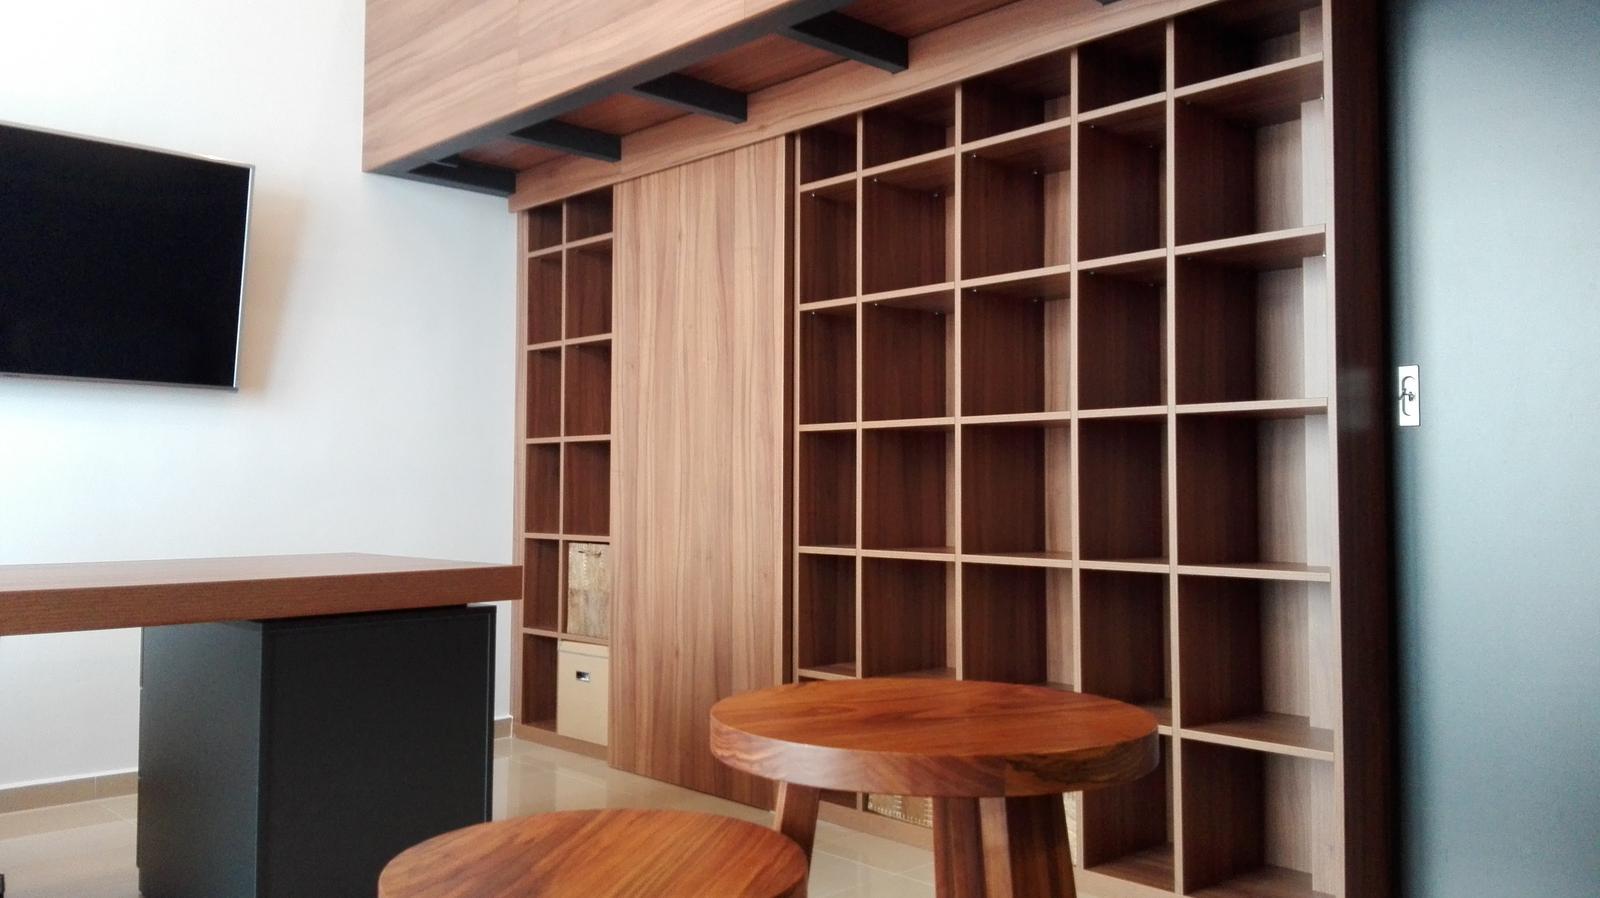 Dizajn a výroba nábytku na mieru Cubica - Knižnica